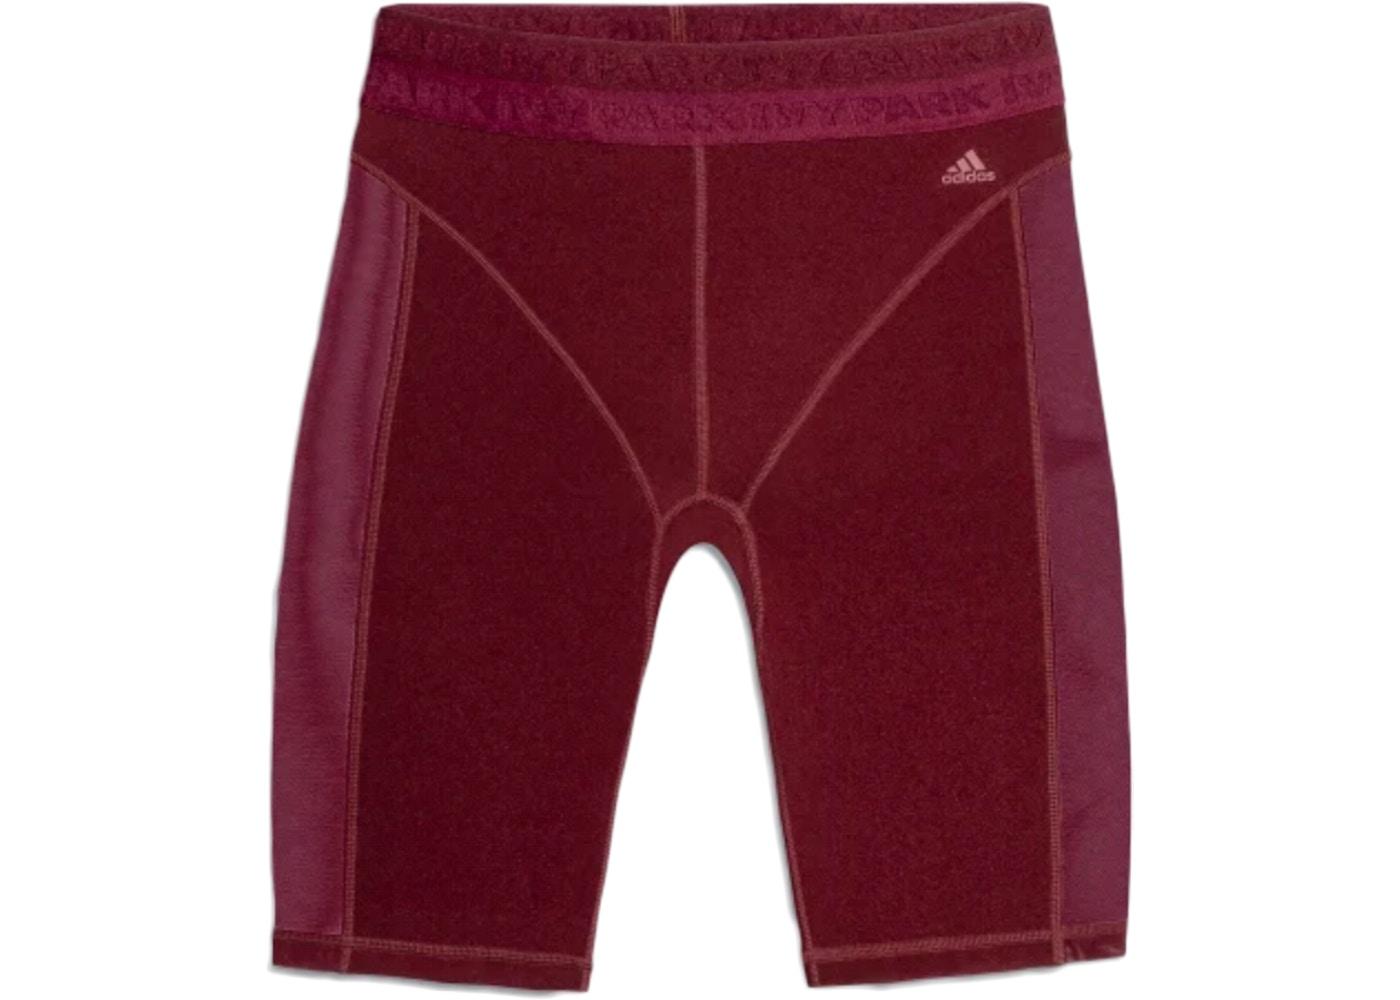 adidas shorts red